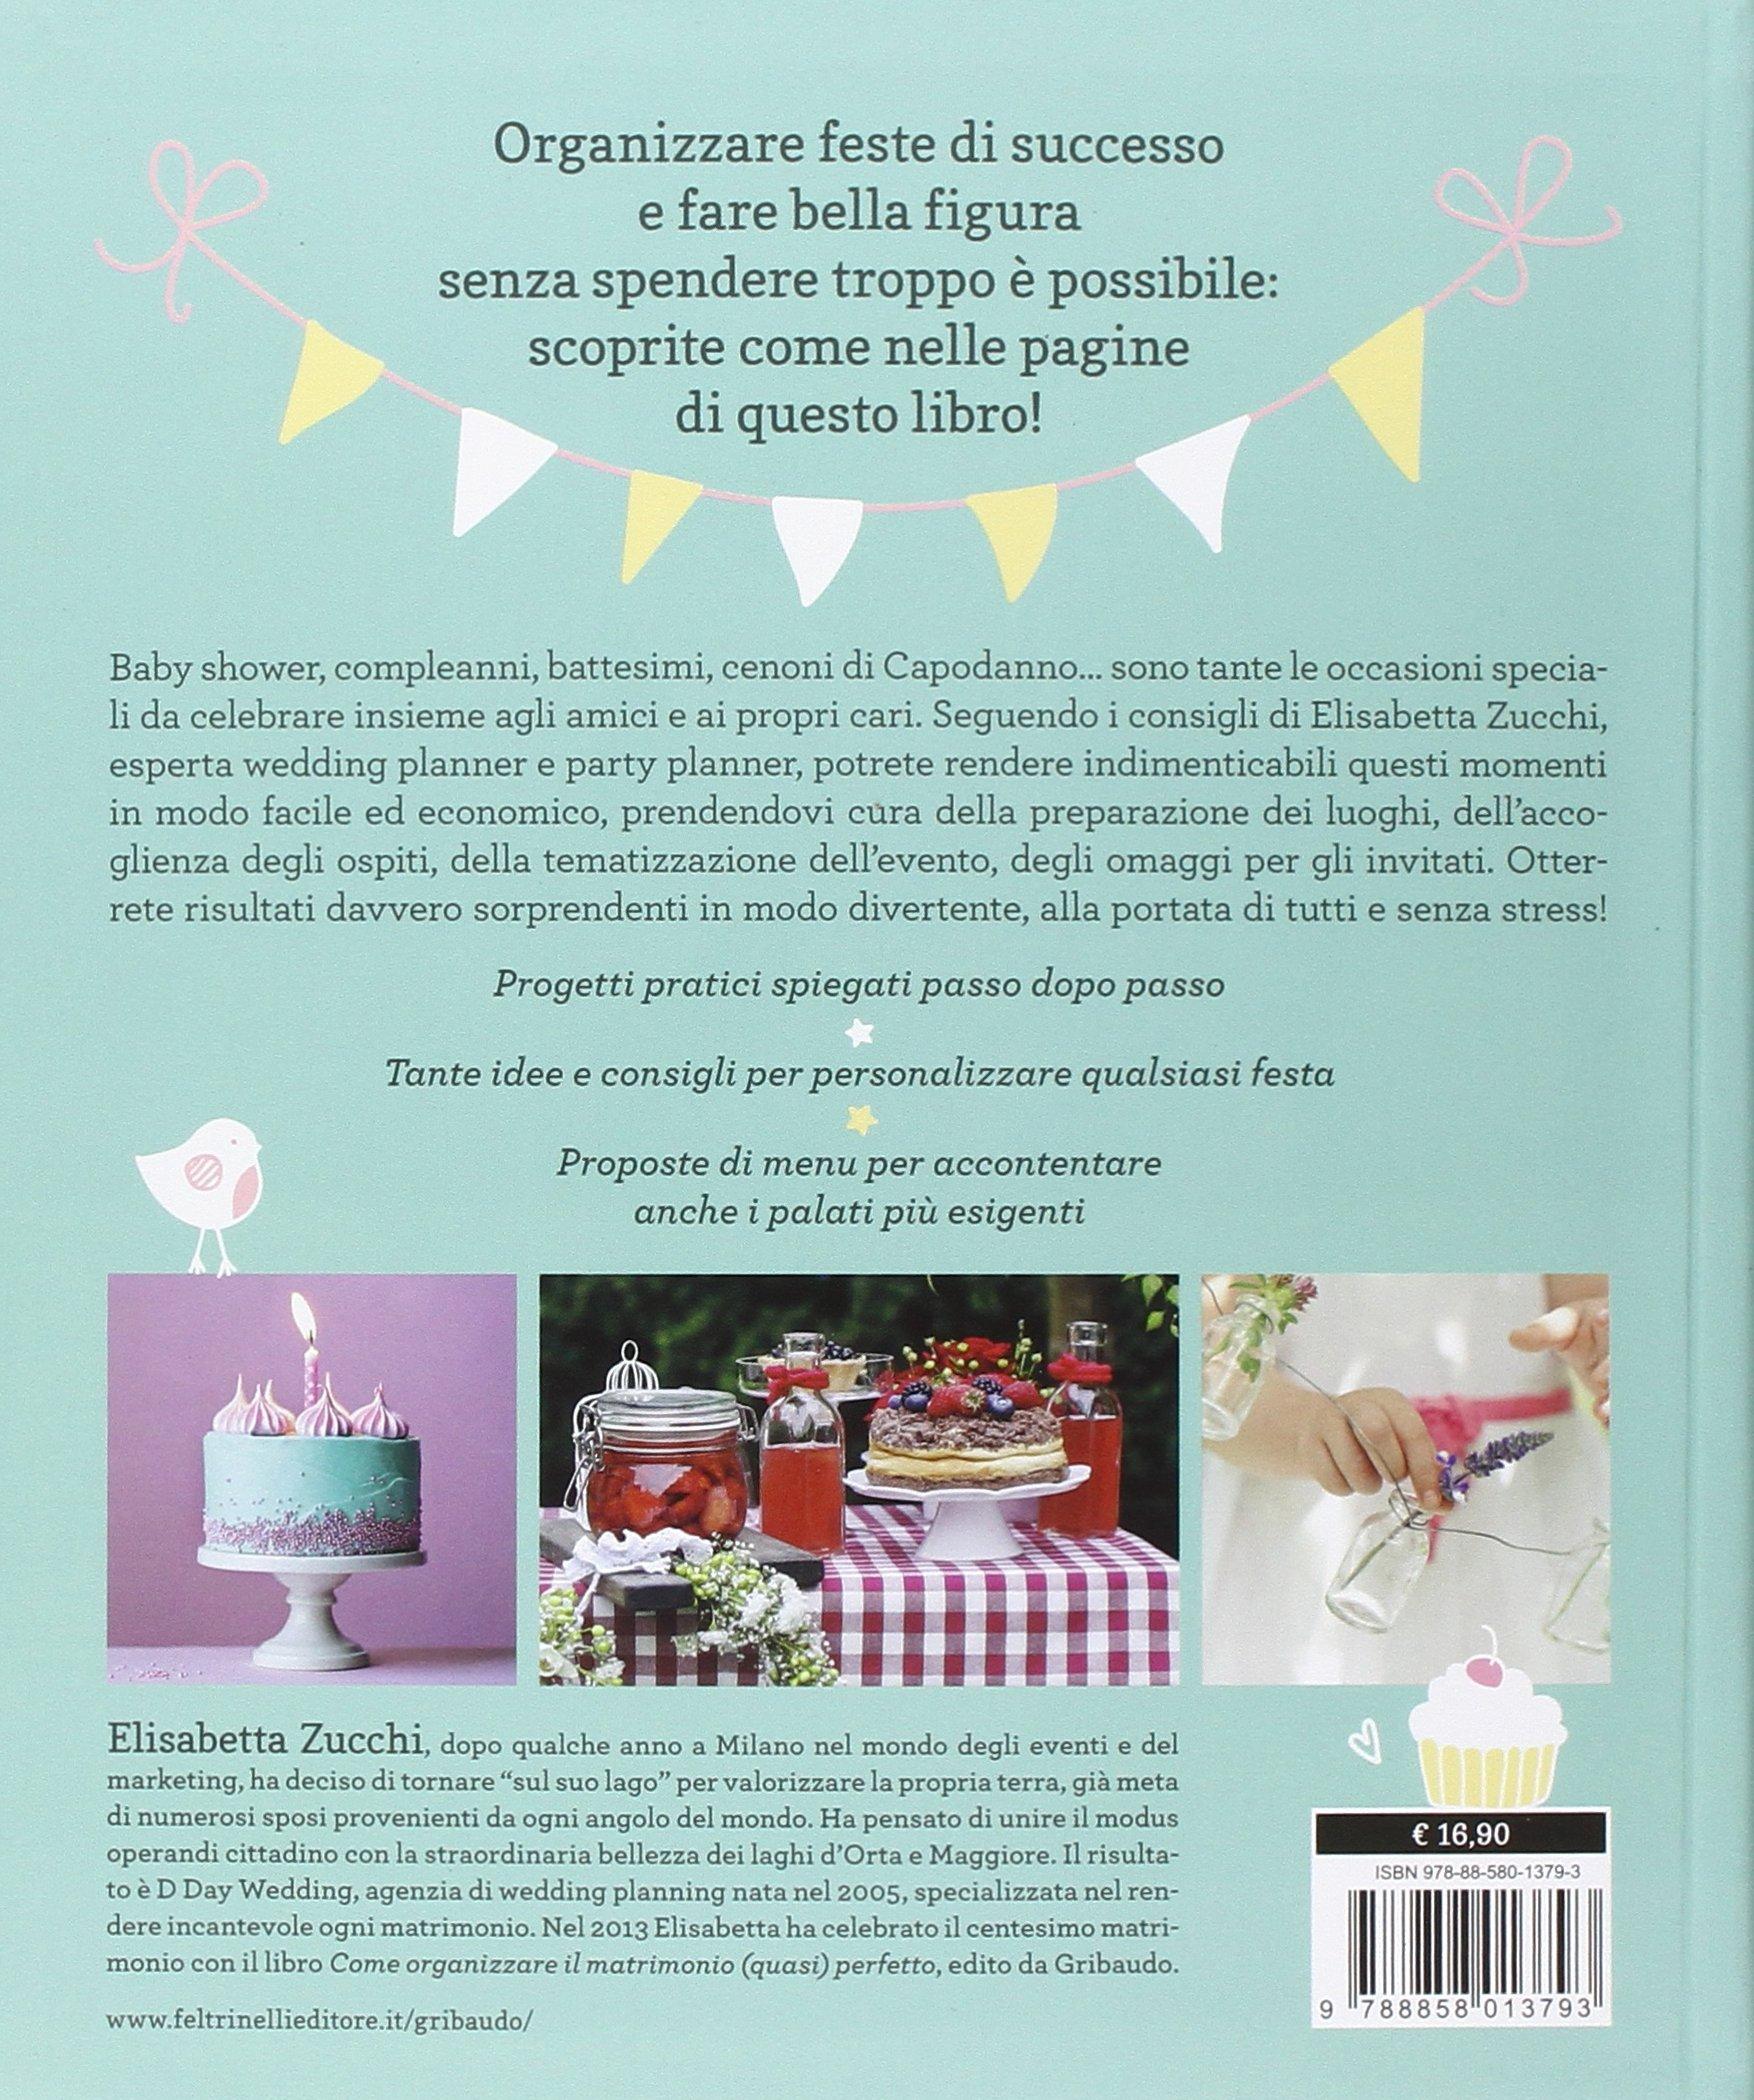 91eSaUckkAL - Party planner a casa tua. Organizzare compleanni, cerimonie e baby shower indimenticabili non è mai stato così facile!